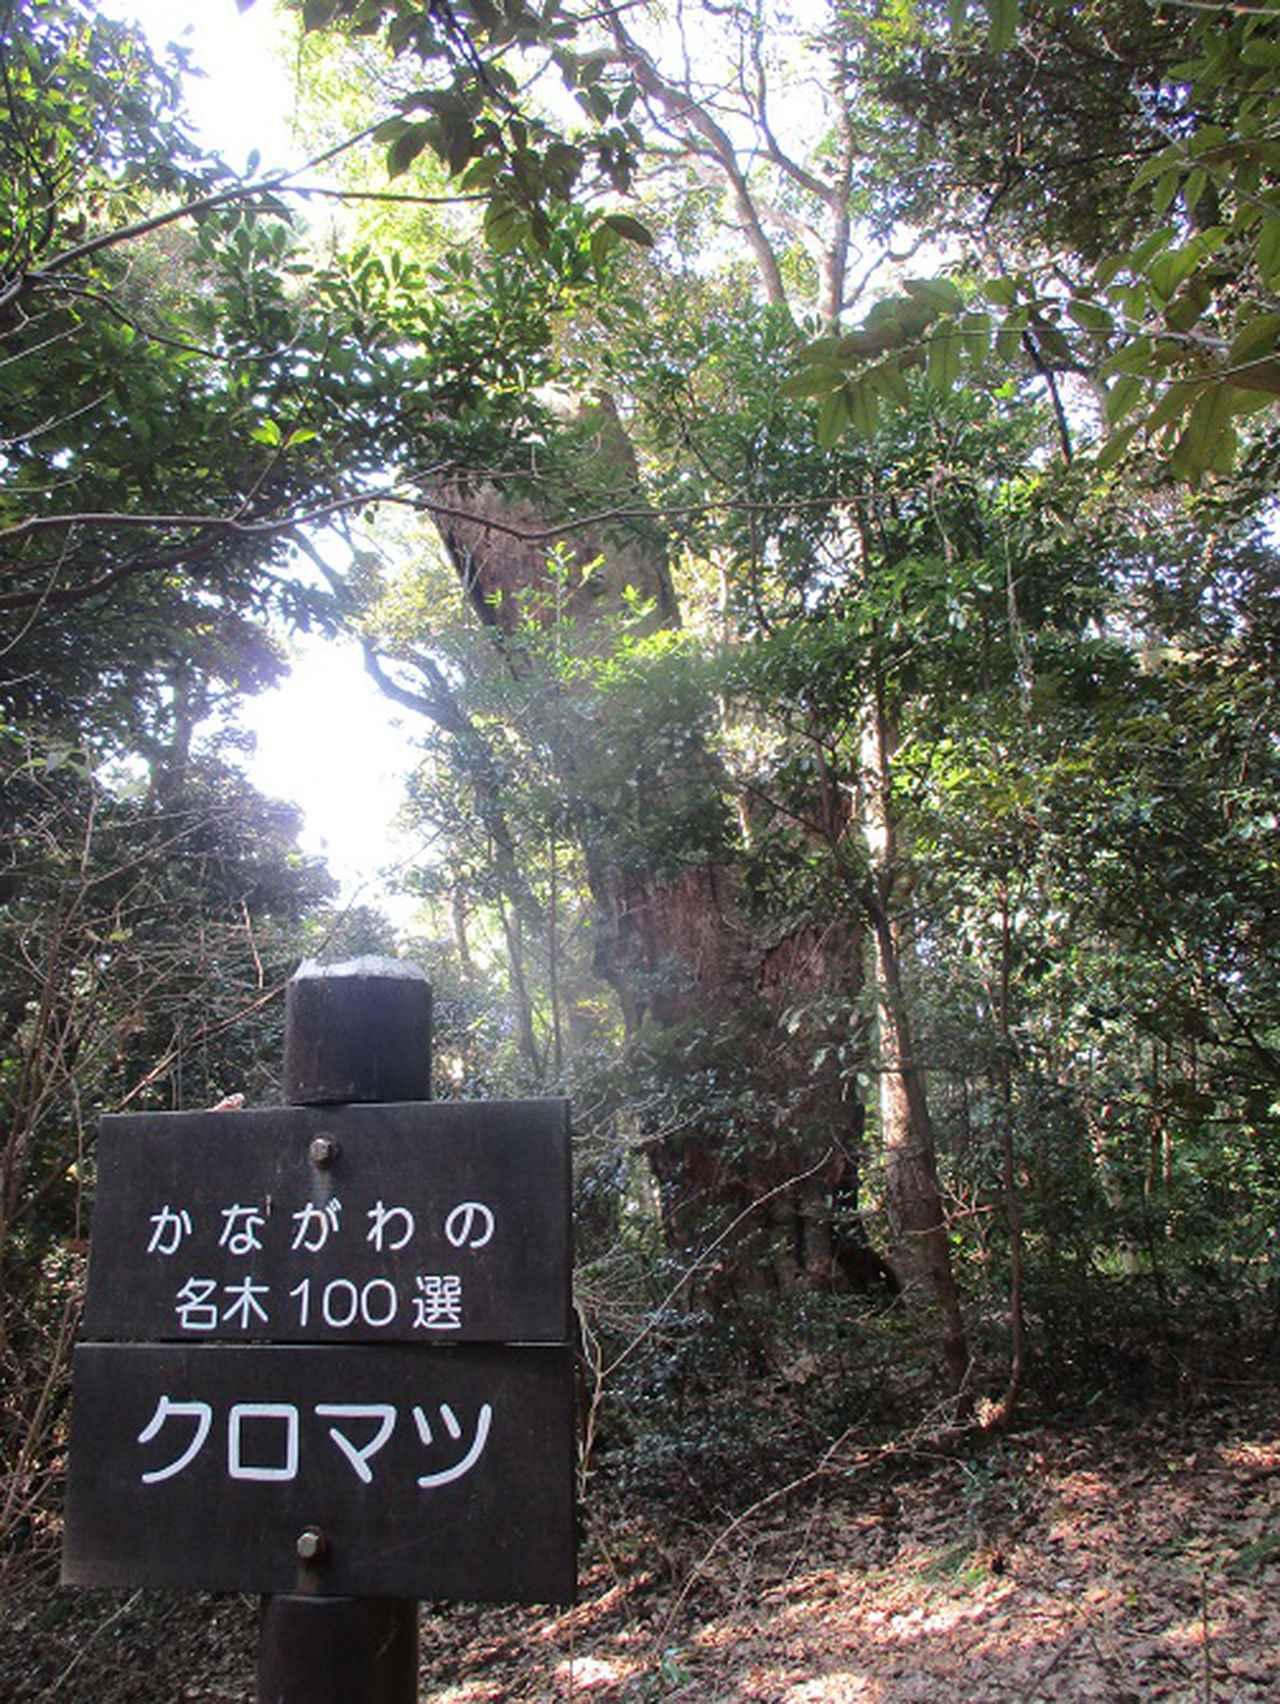 画像2: 岡田ガイドのハイキングコースで、 真鶴半島 へ行ってきました♪